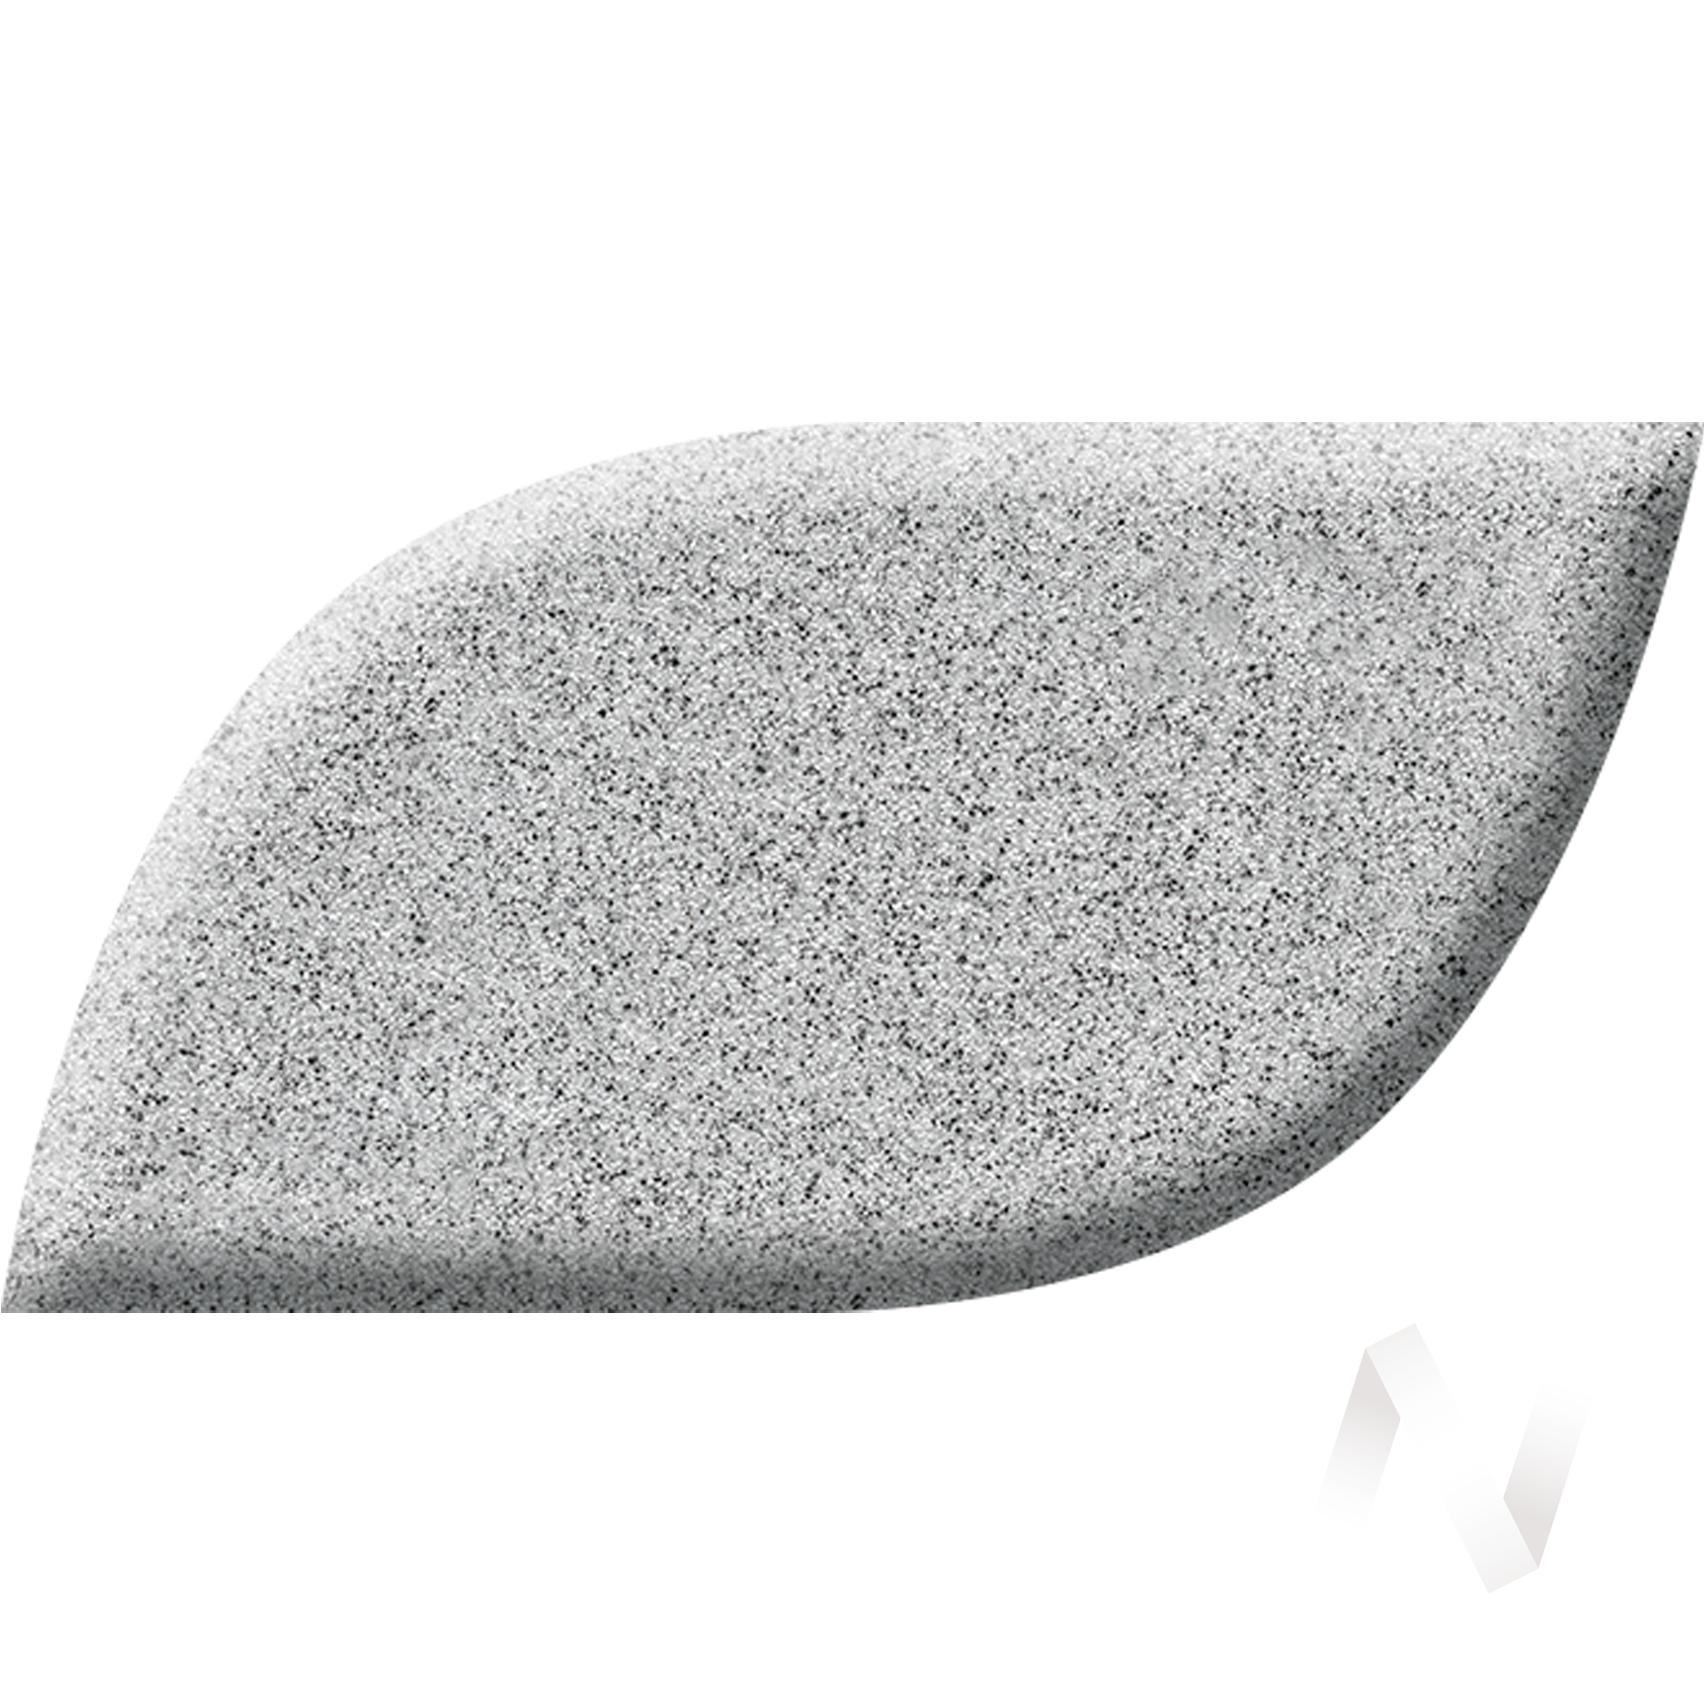 Мойка из искусственного камня Light 2 без сифона (серый)  в Томске — интернет магазин МИРА-мебель